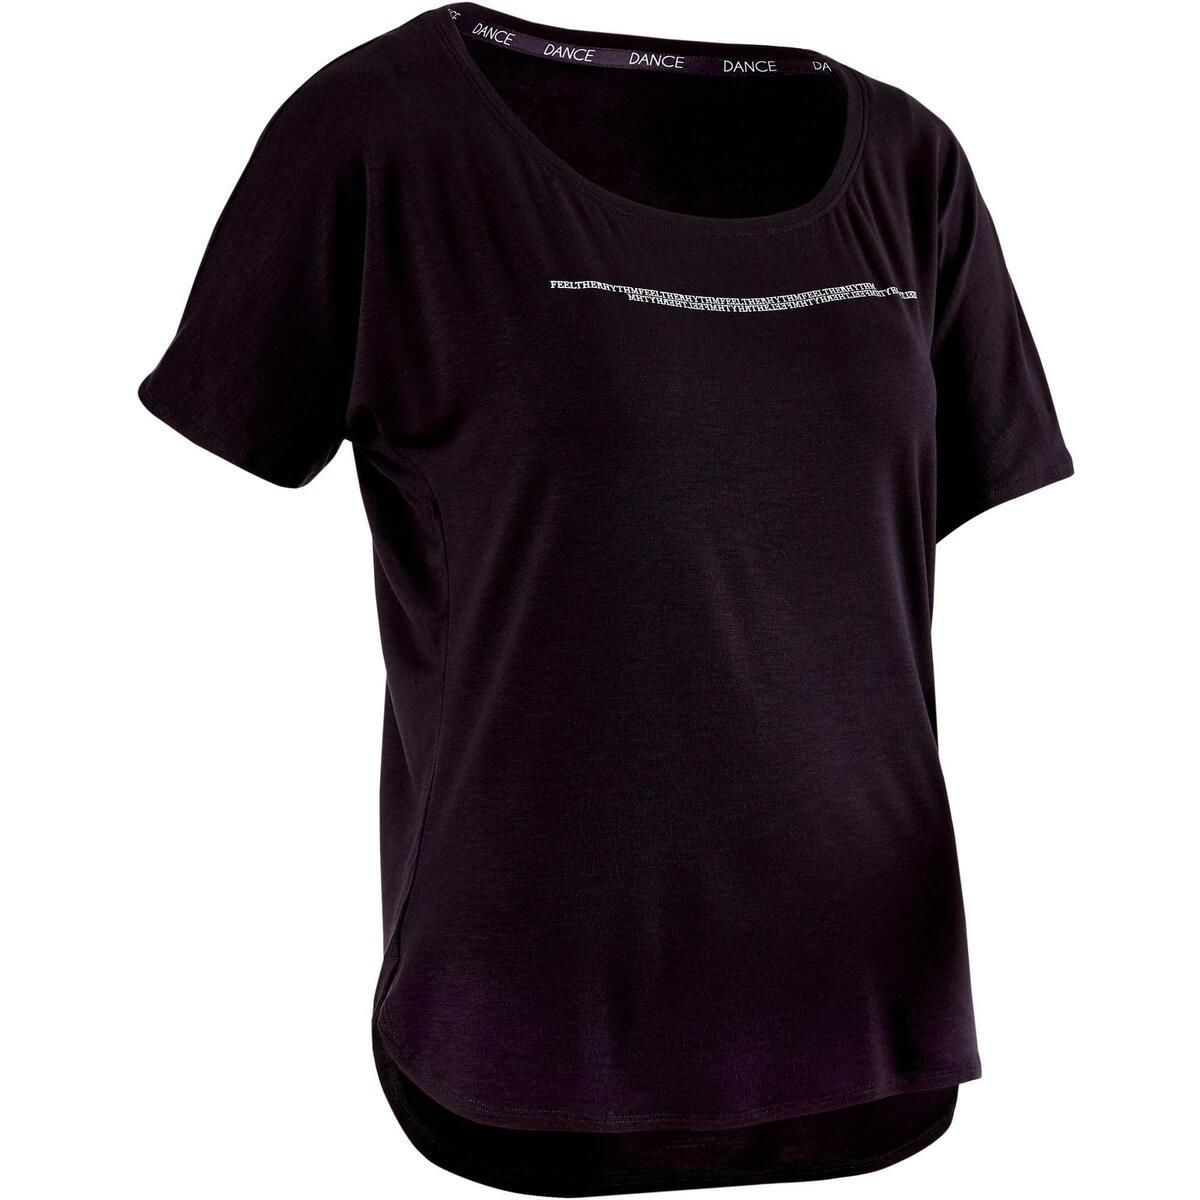 Bild 1 von Dance-Shirt kurz Modern Dance Damen schwarz